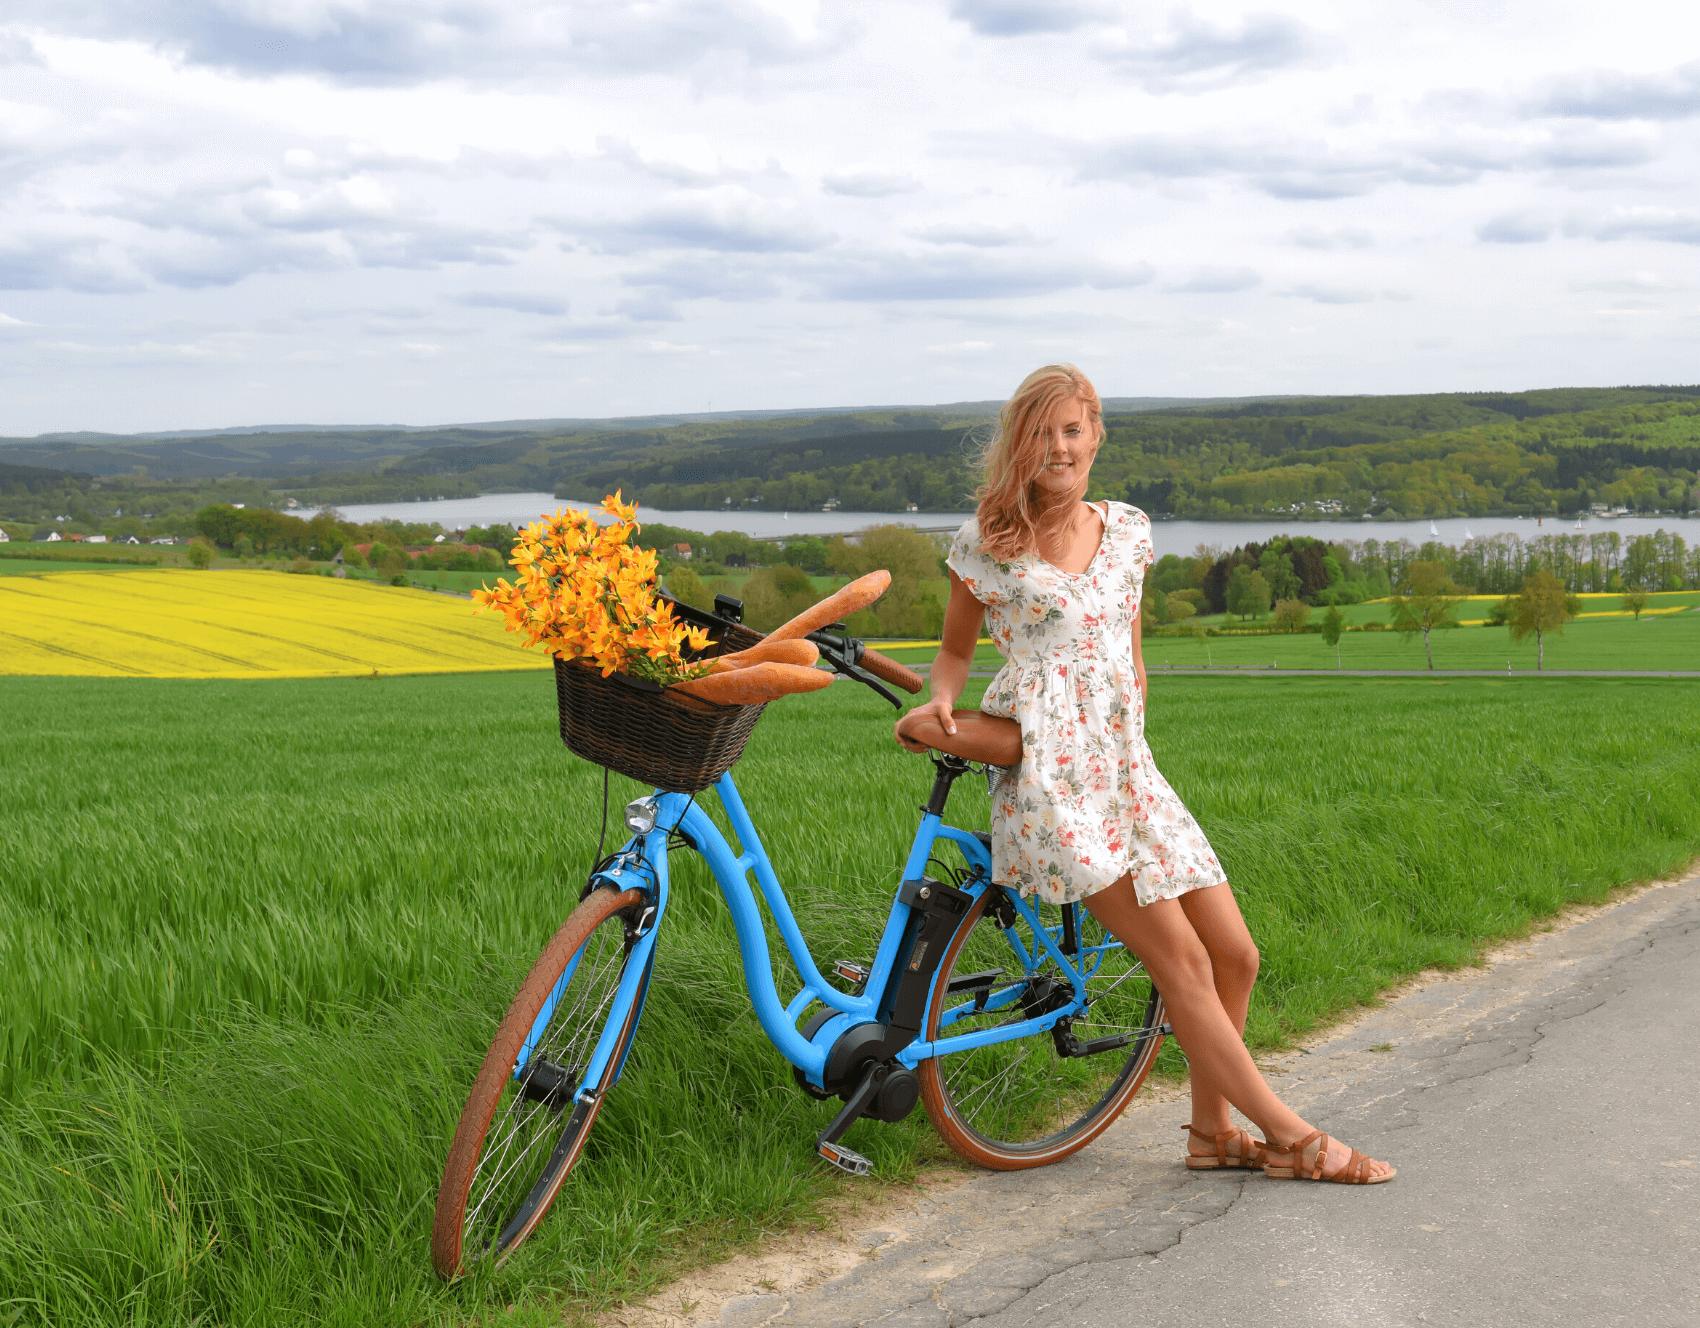 Junge Frau sitzt auf dem Gepäckträger eines blauen E-Bikes_Hotel Mama bei SRTI